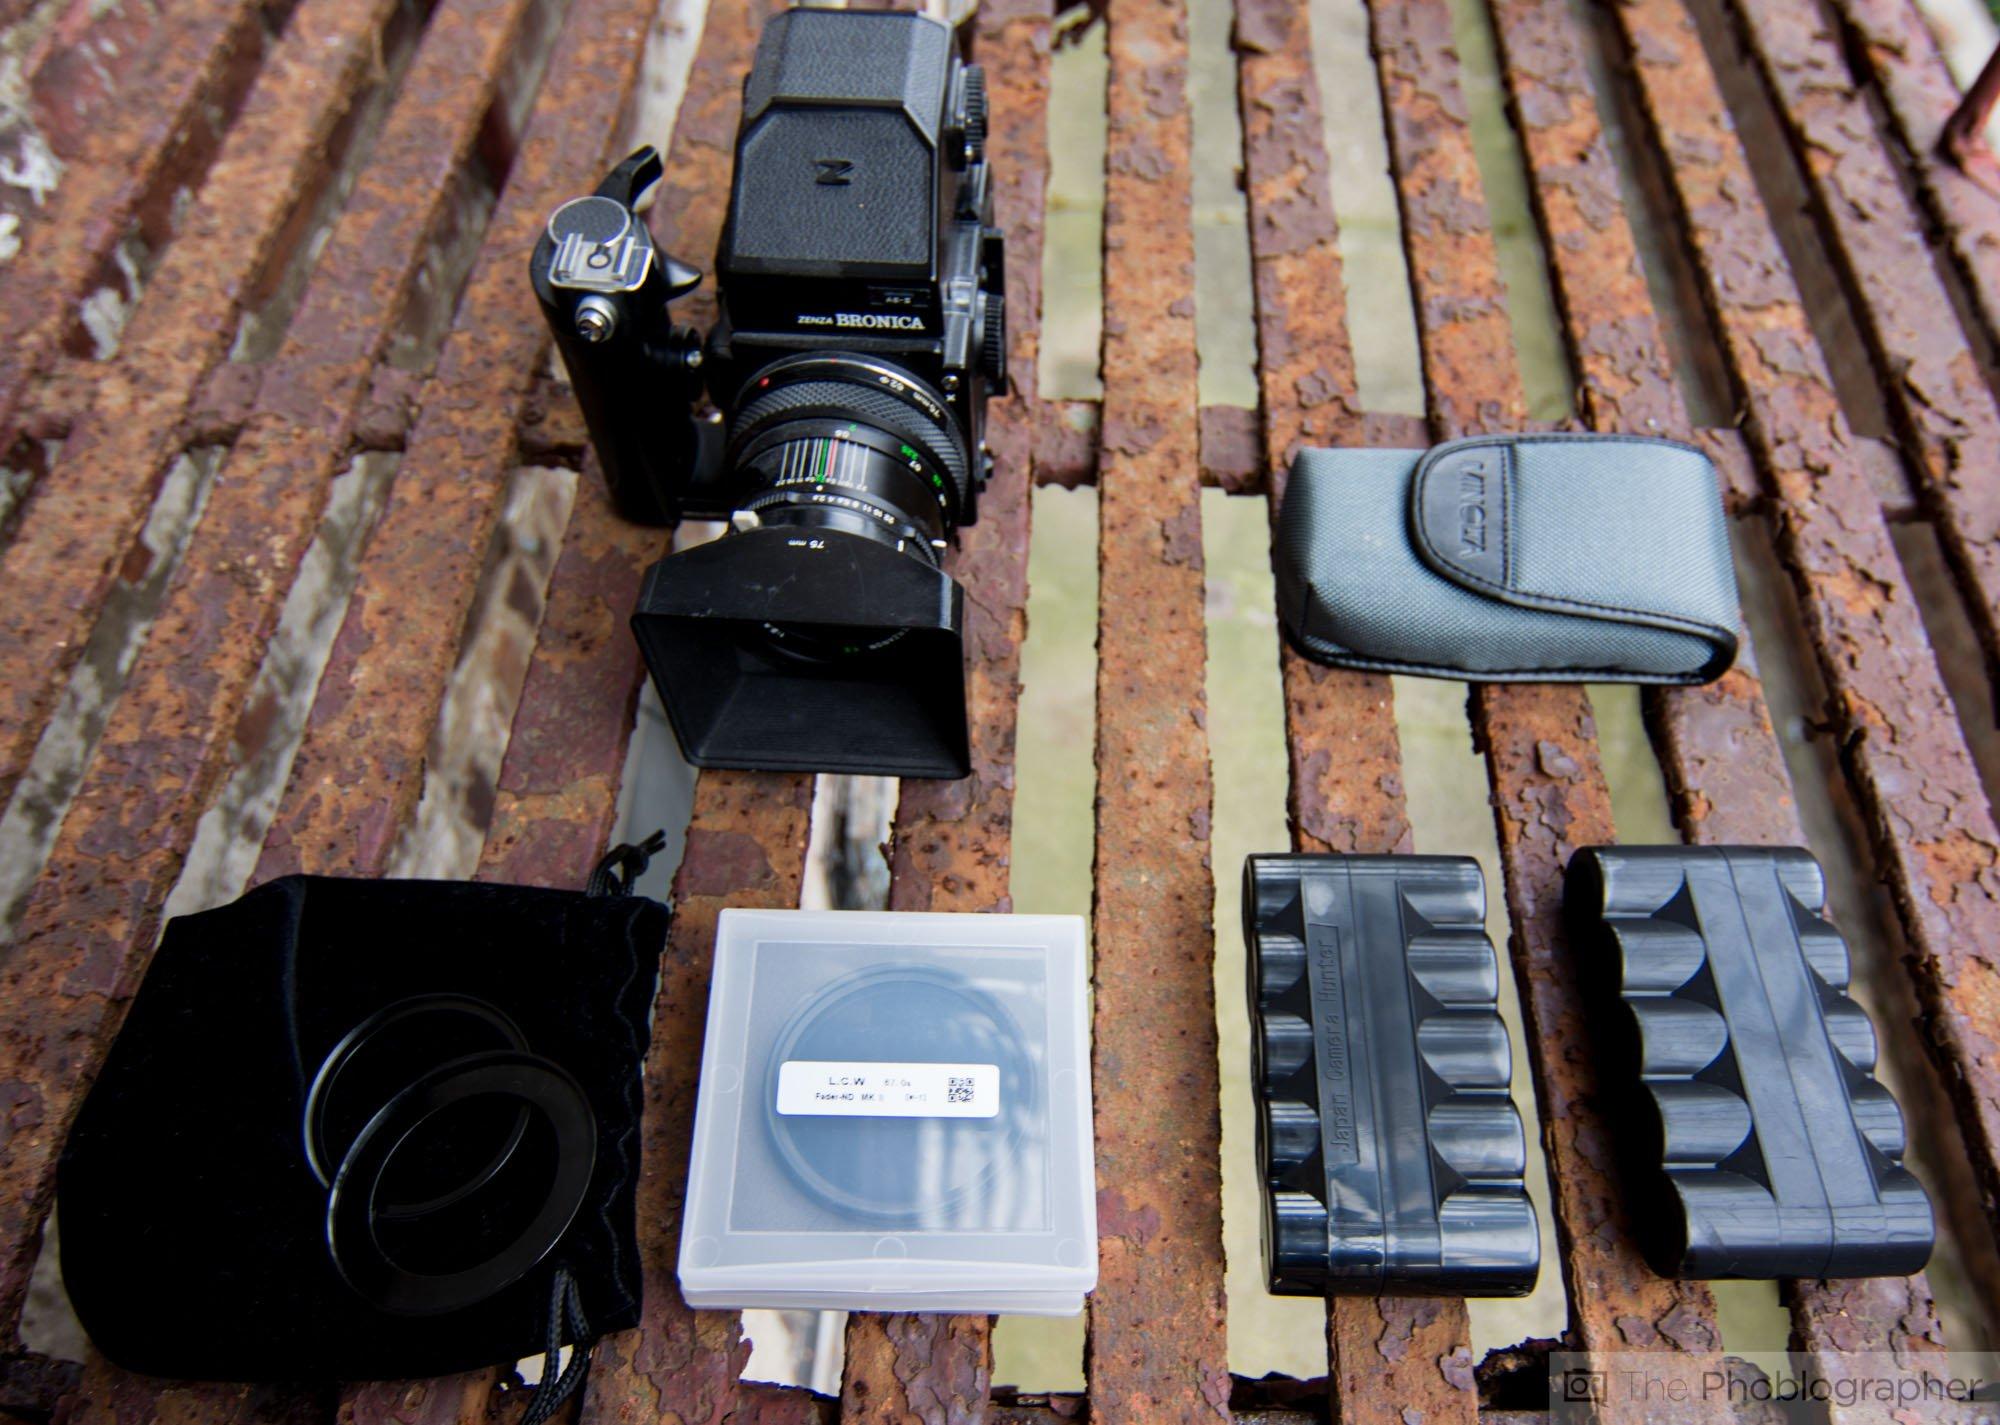 How Does Medium Format Digital Do vs Medium Format Film for Portraits?